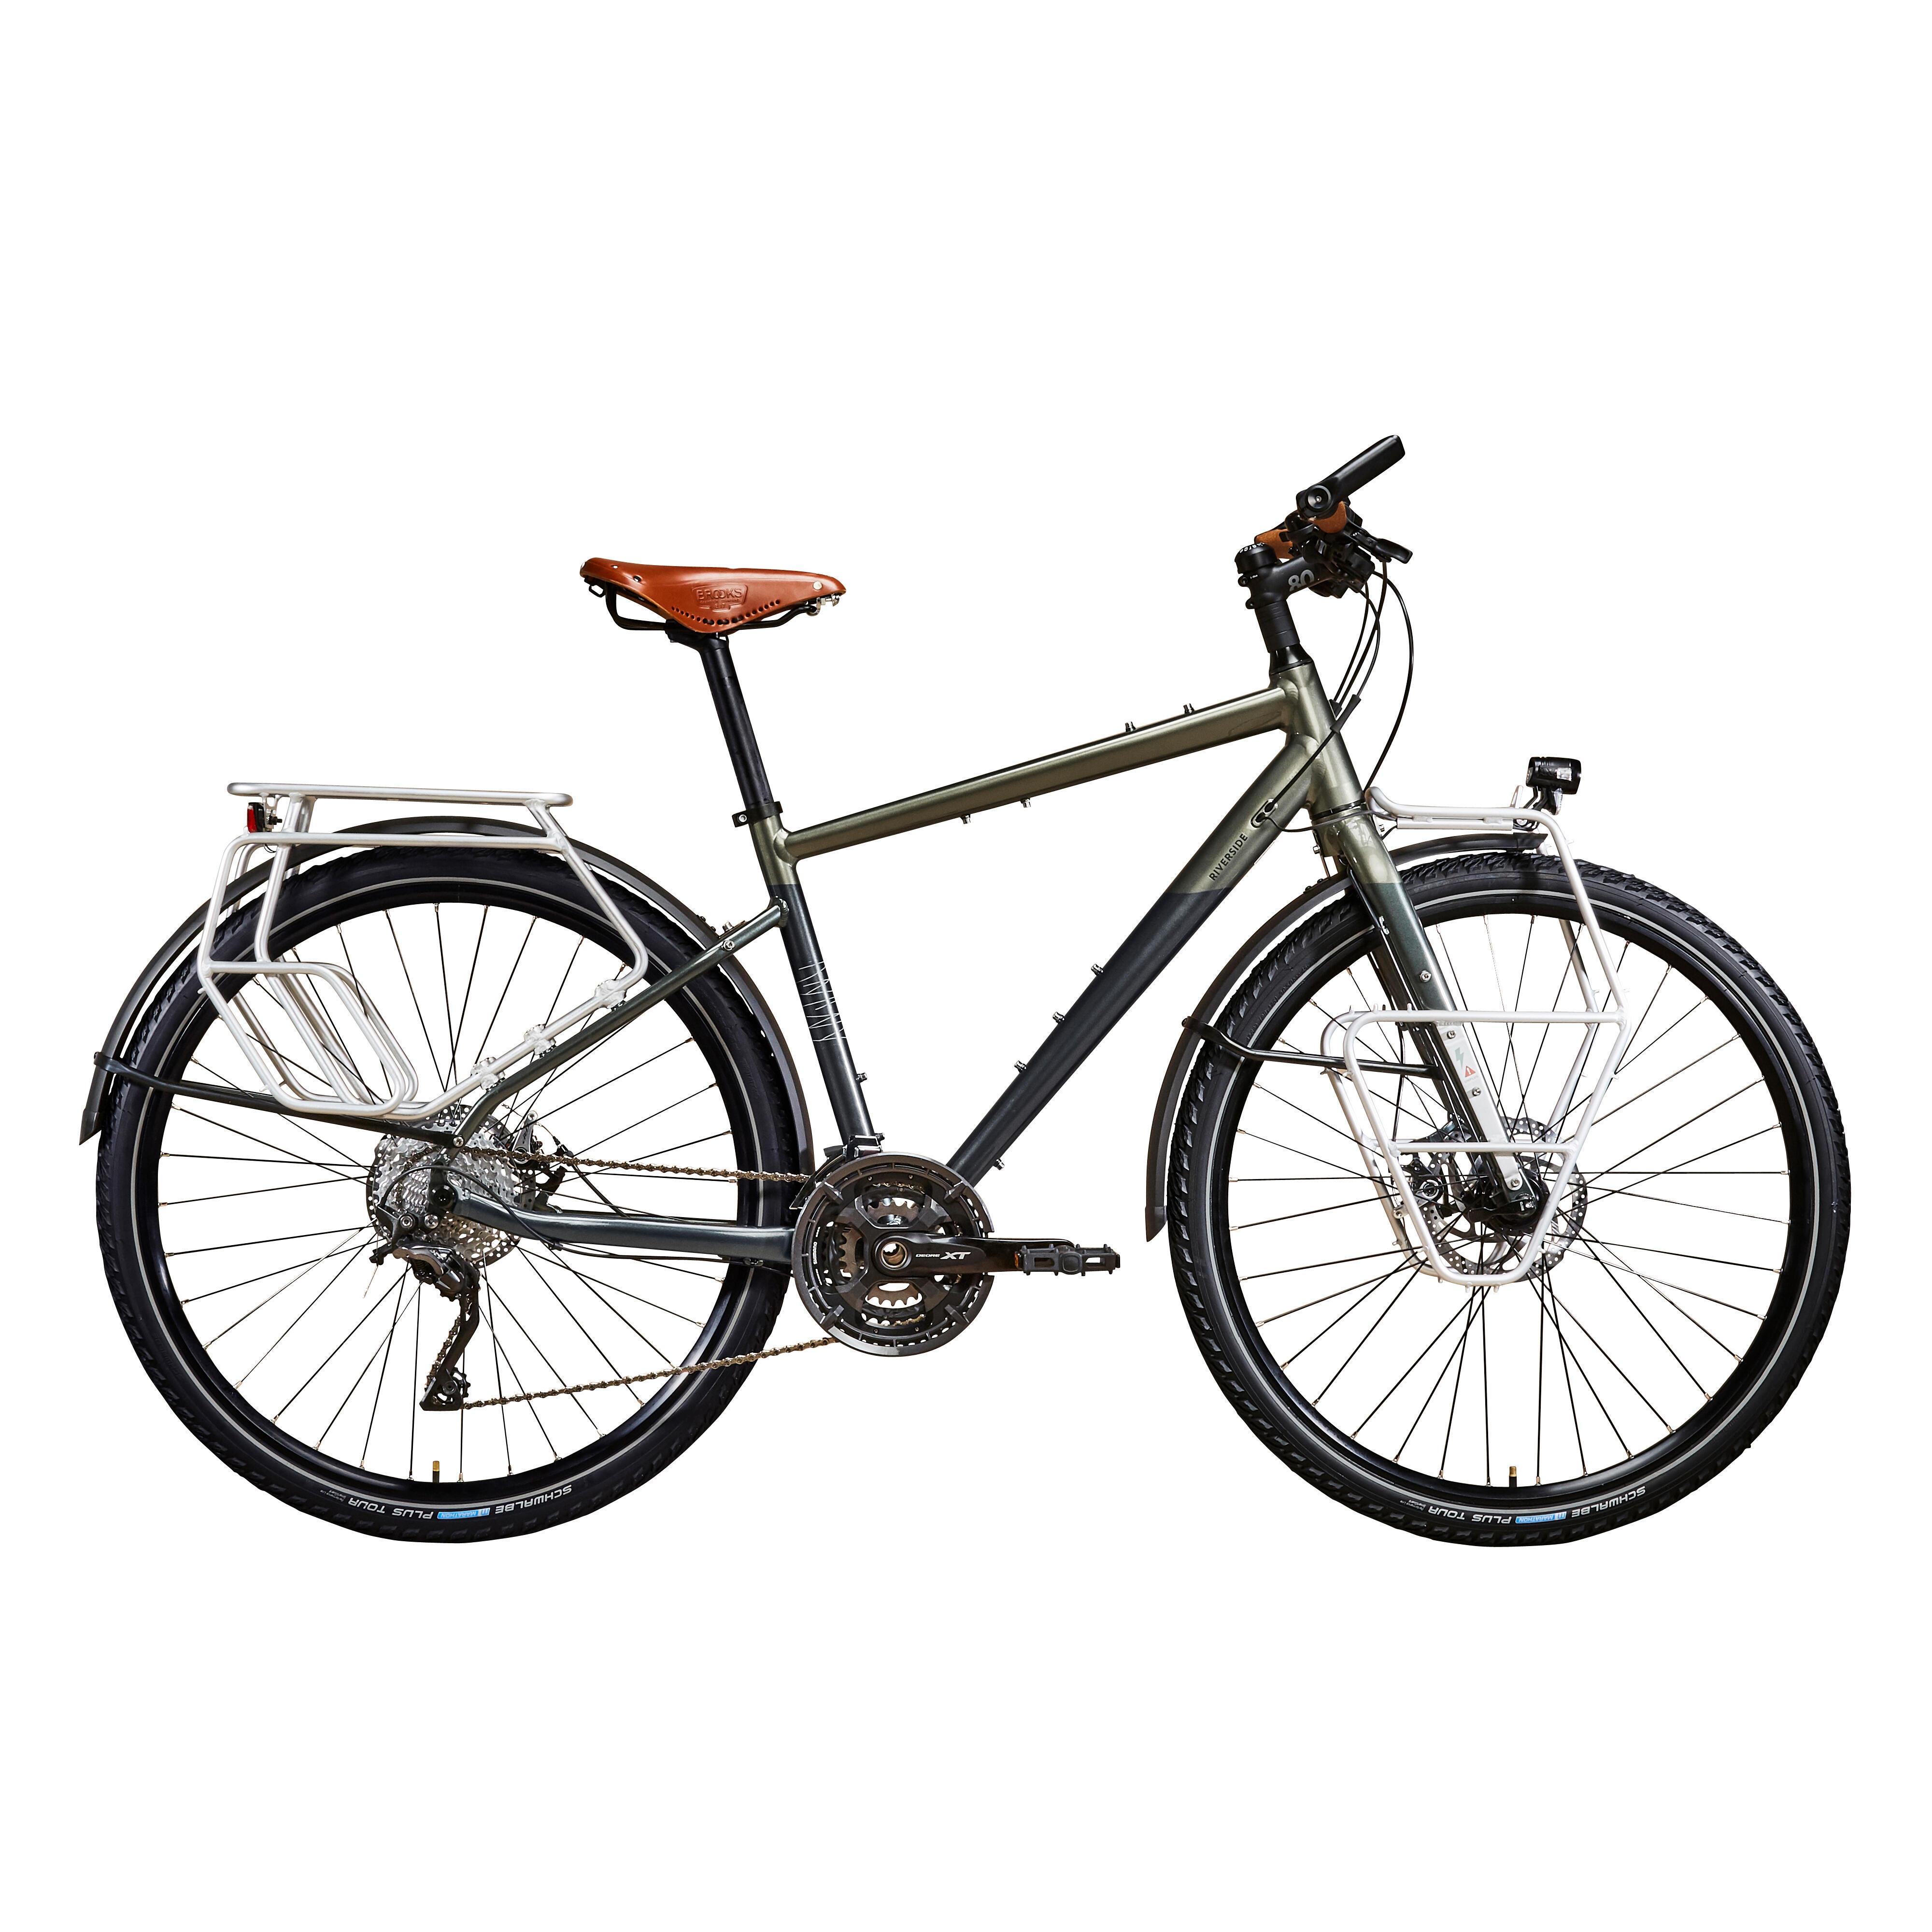 Bicicletă de tură lungă RT 900